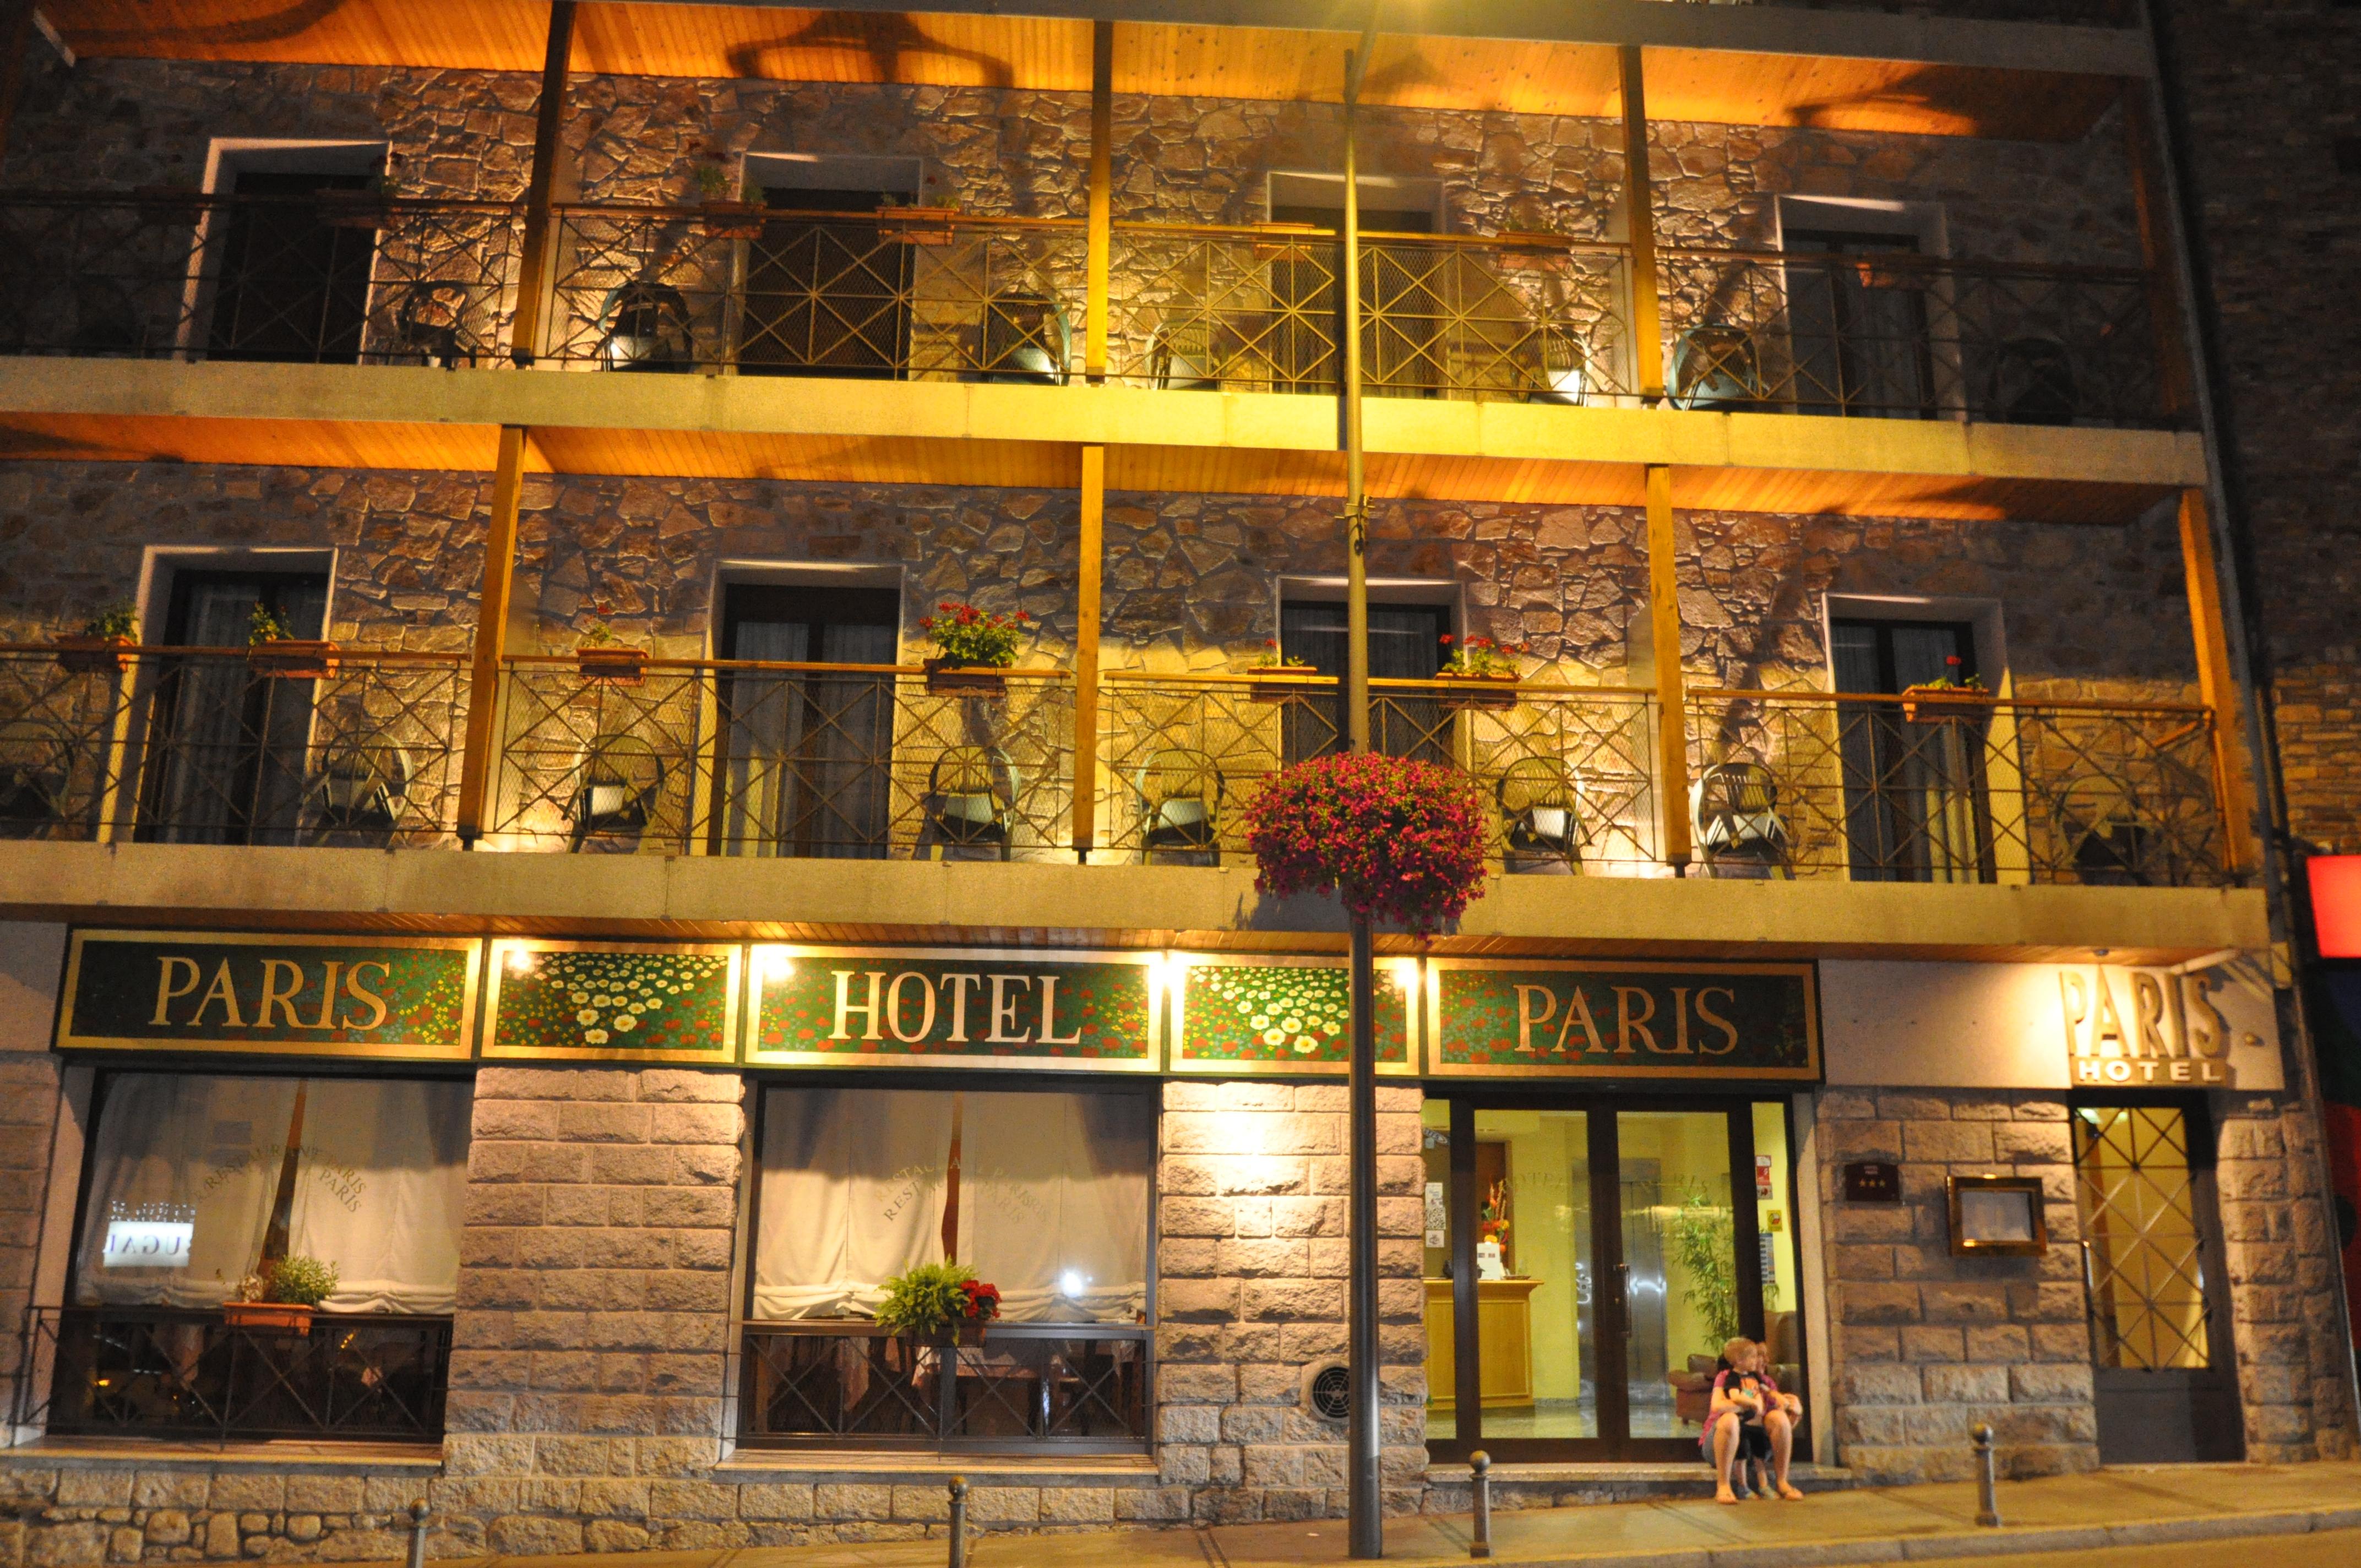 Paris Hotel,